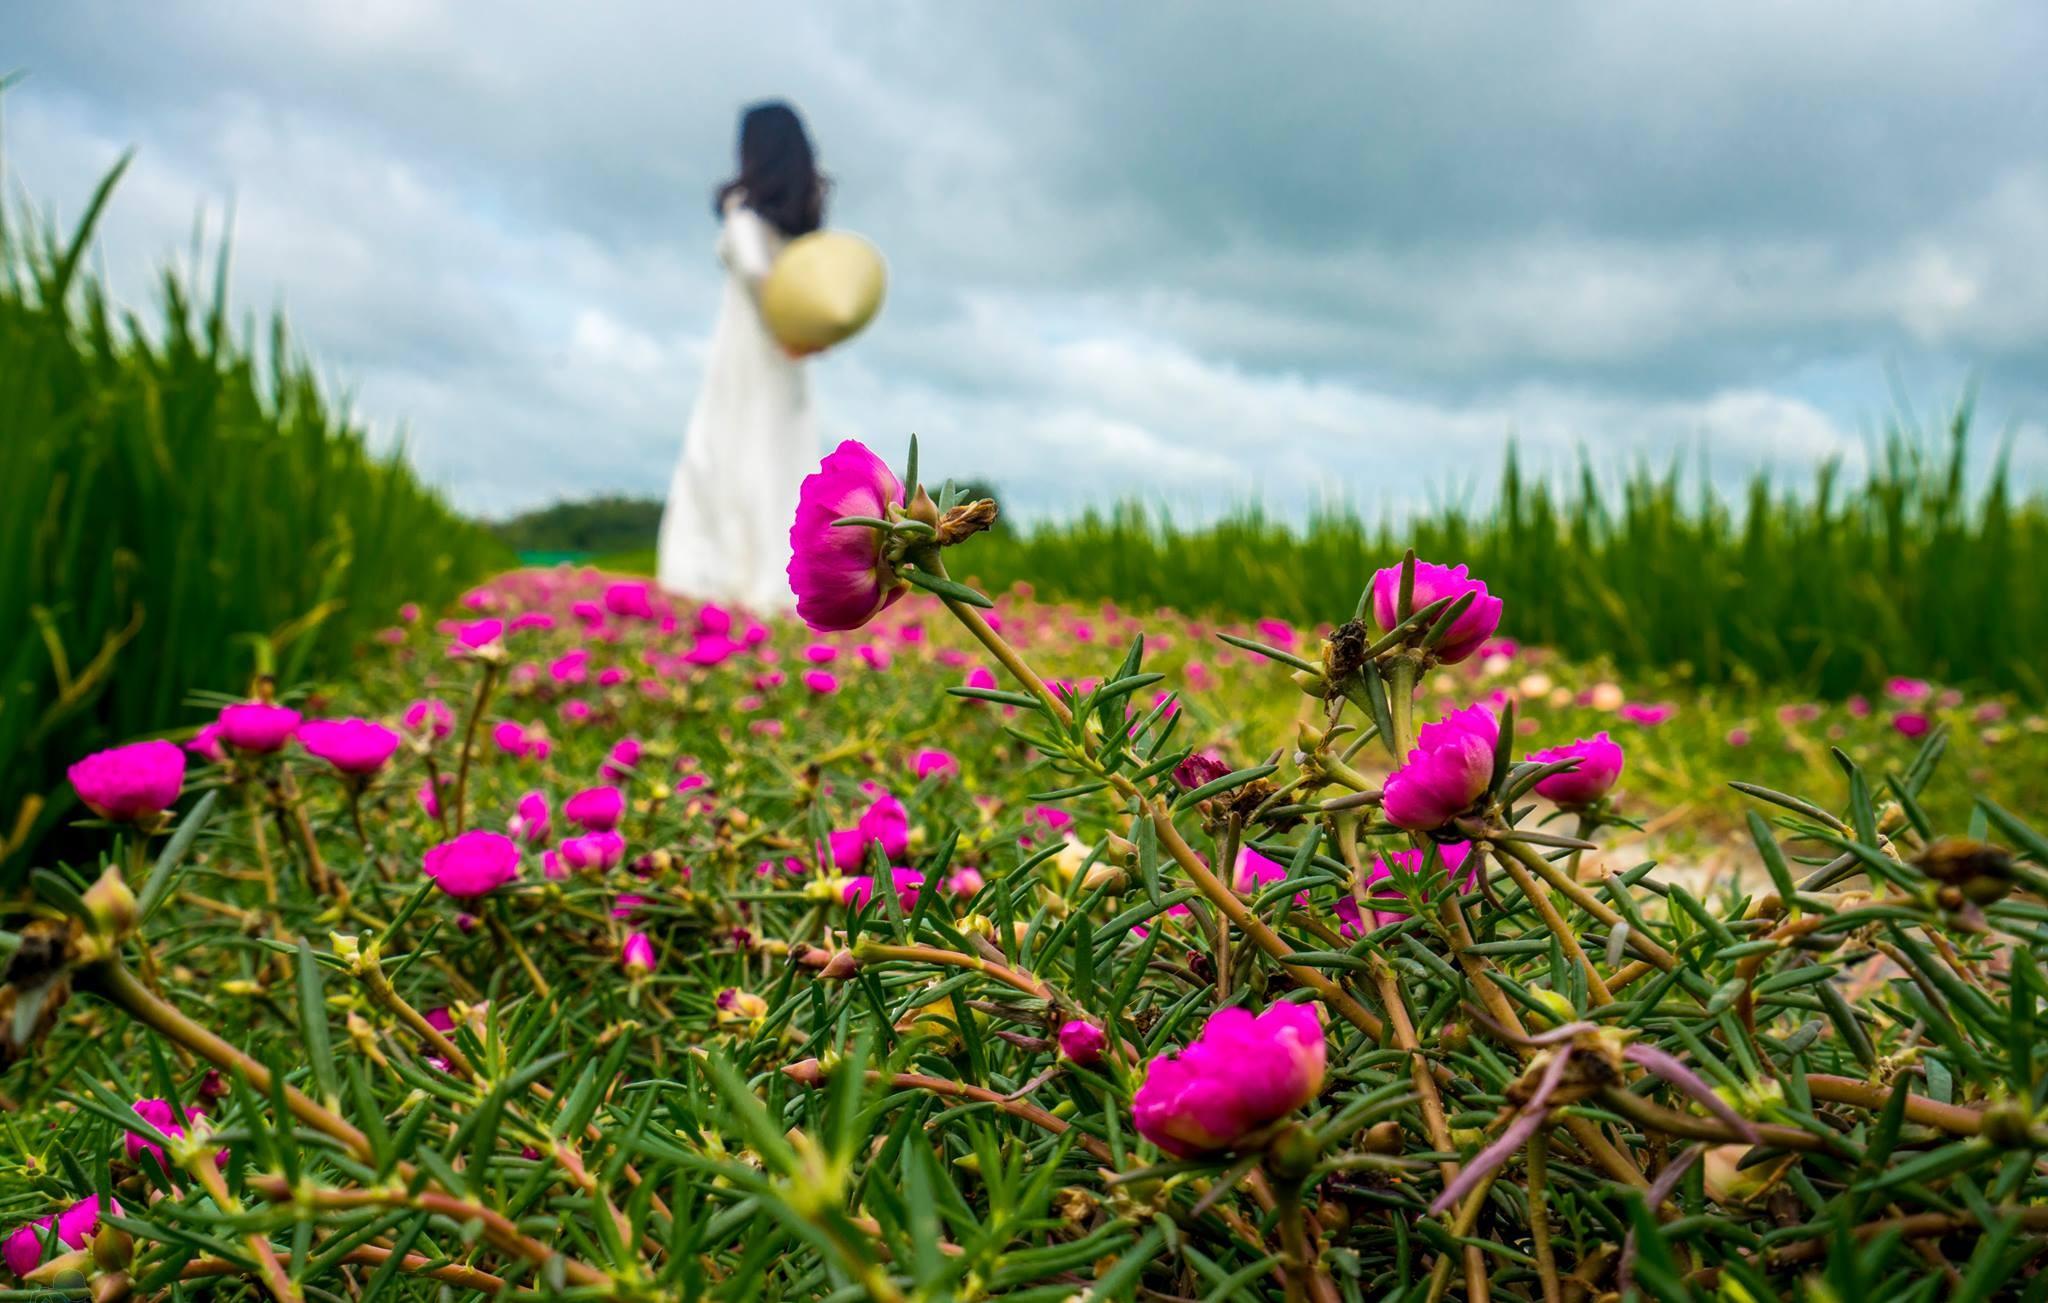 Hoa mười giờ và nàng thơ